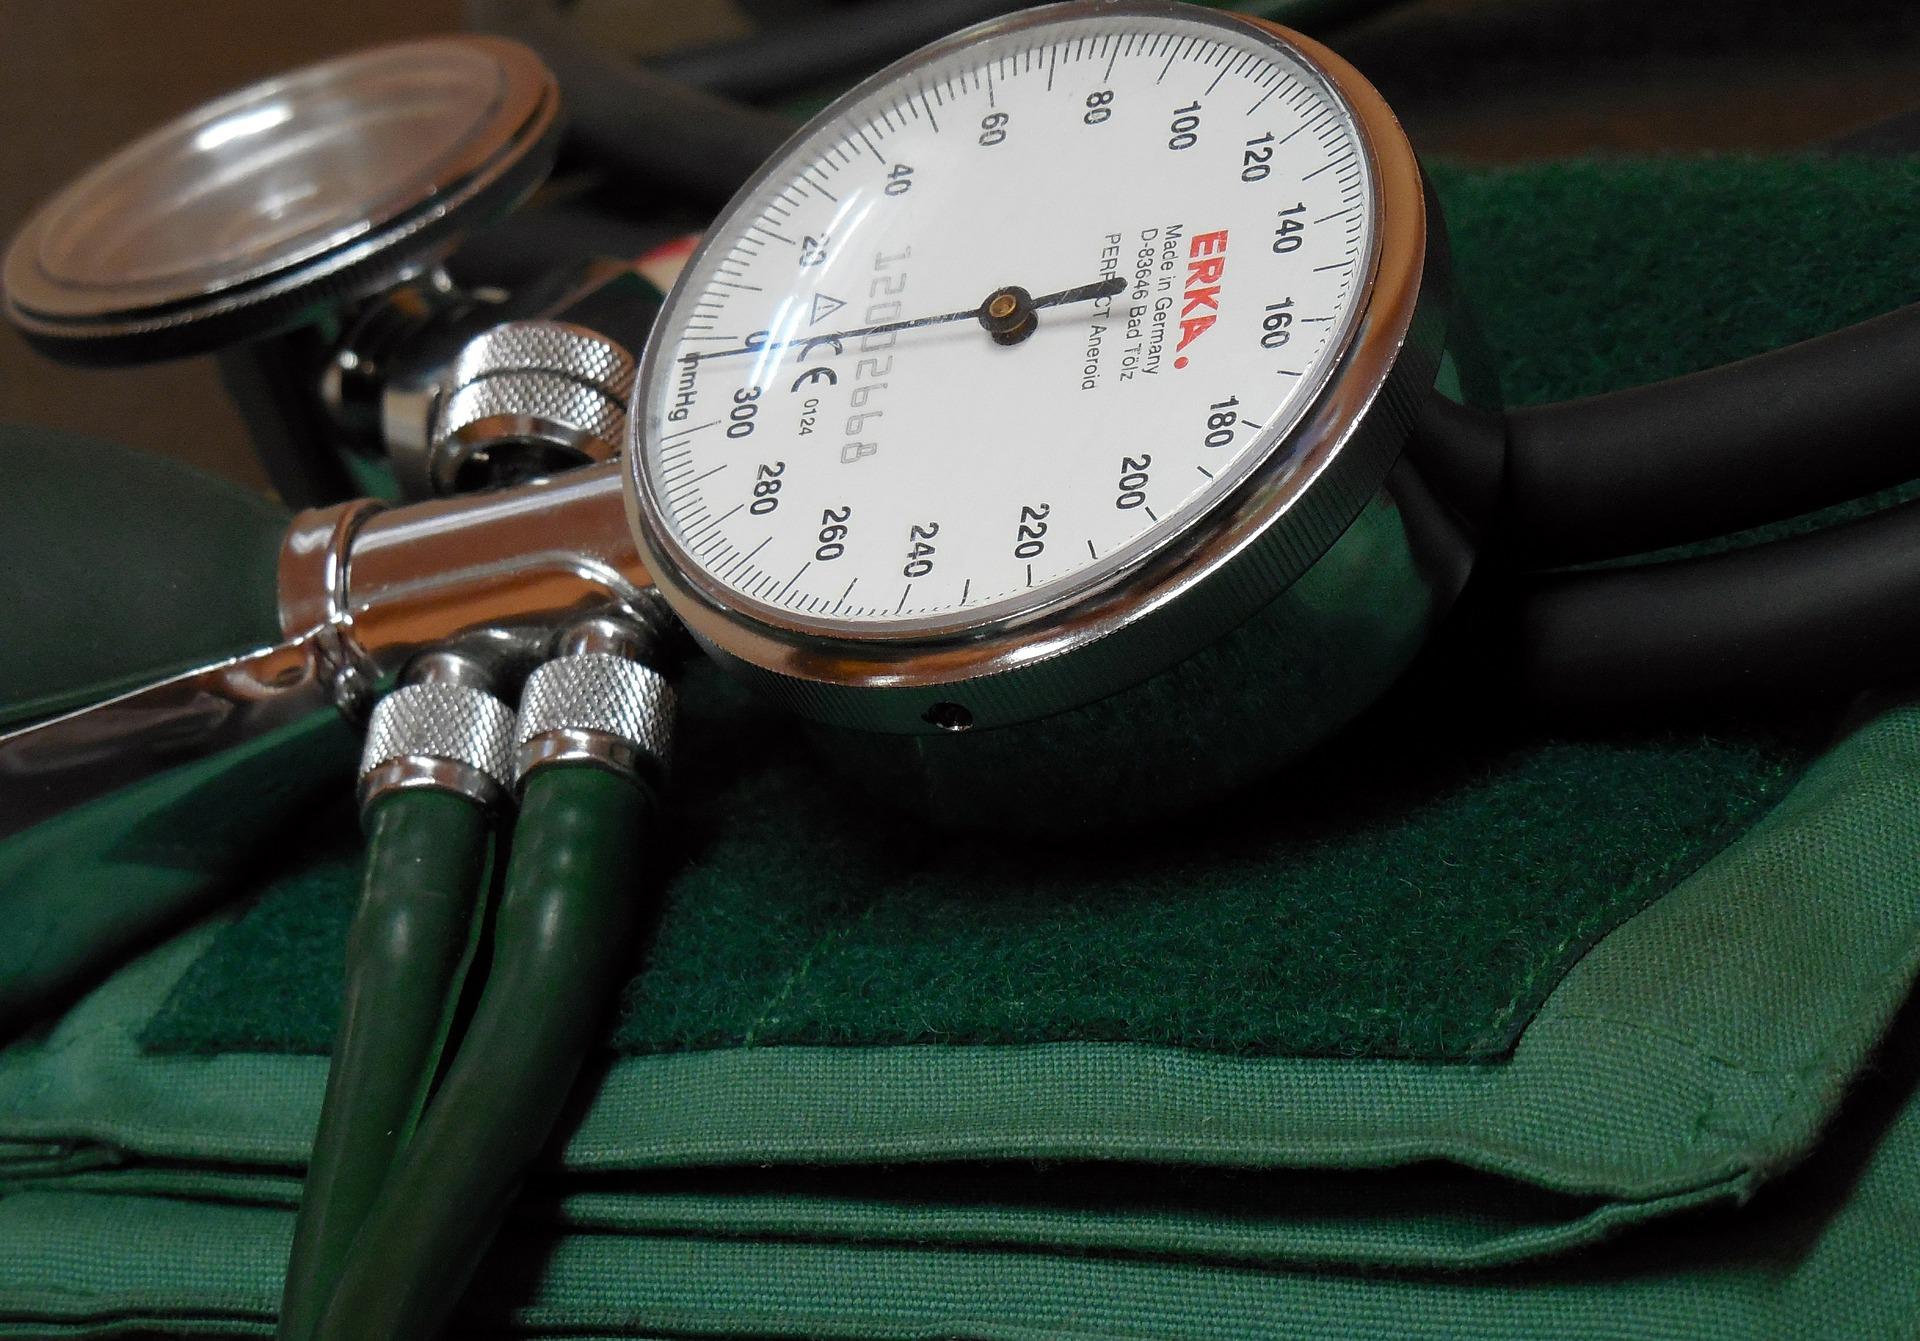 Equipamentos muito utilizados em exames médicos